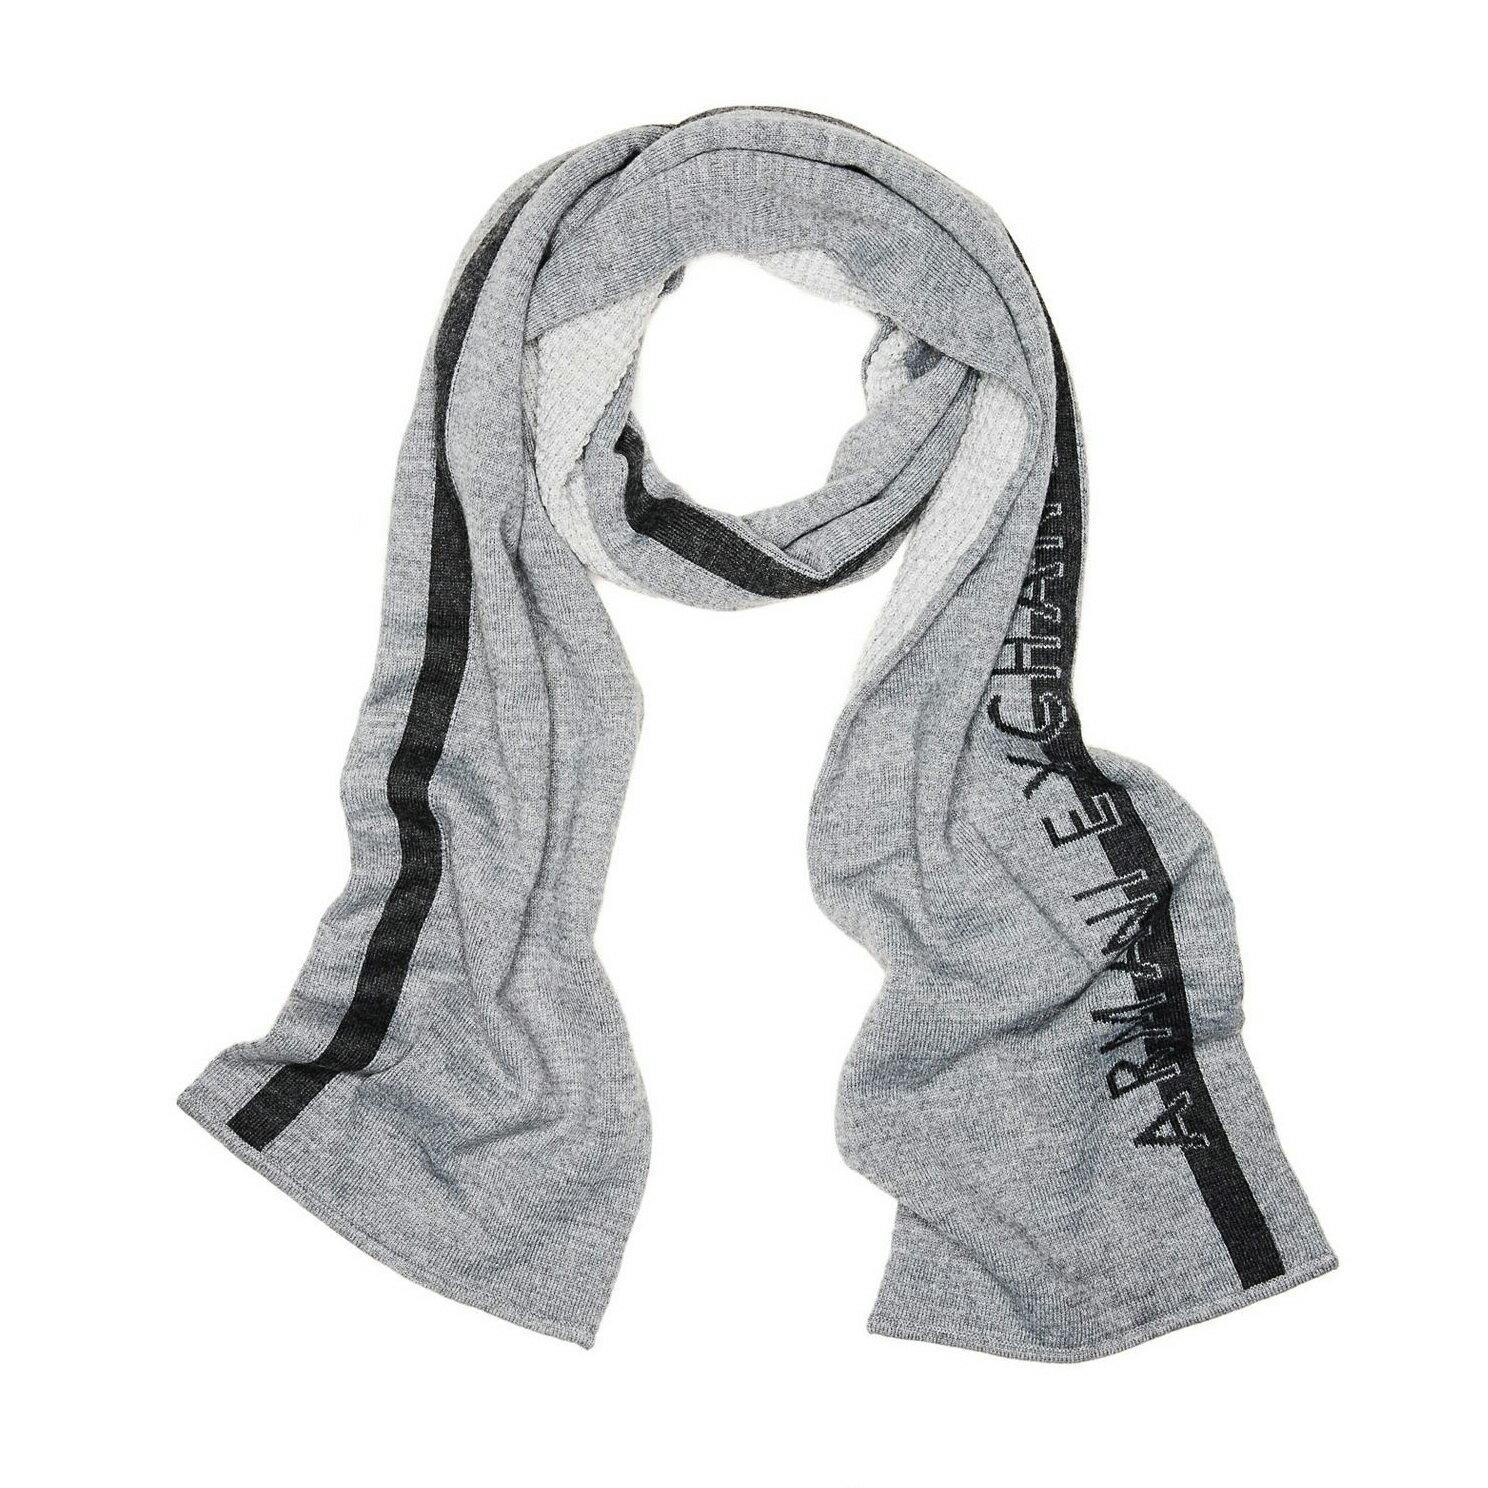 美國百分百【全新真品】Armani Exchange 圍巾 AX 披肩 披巾 灰色 配件 logo 針織 羊毛 E658